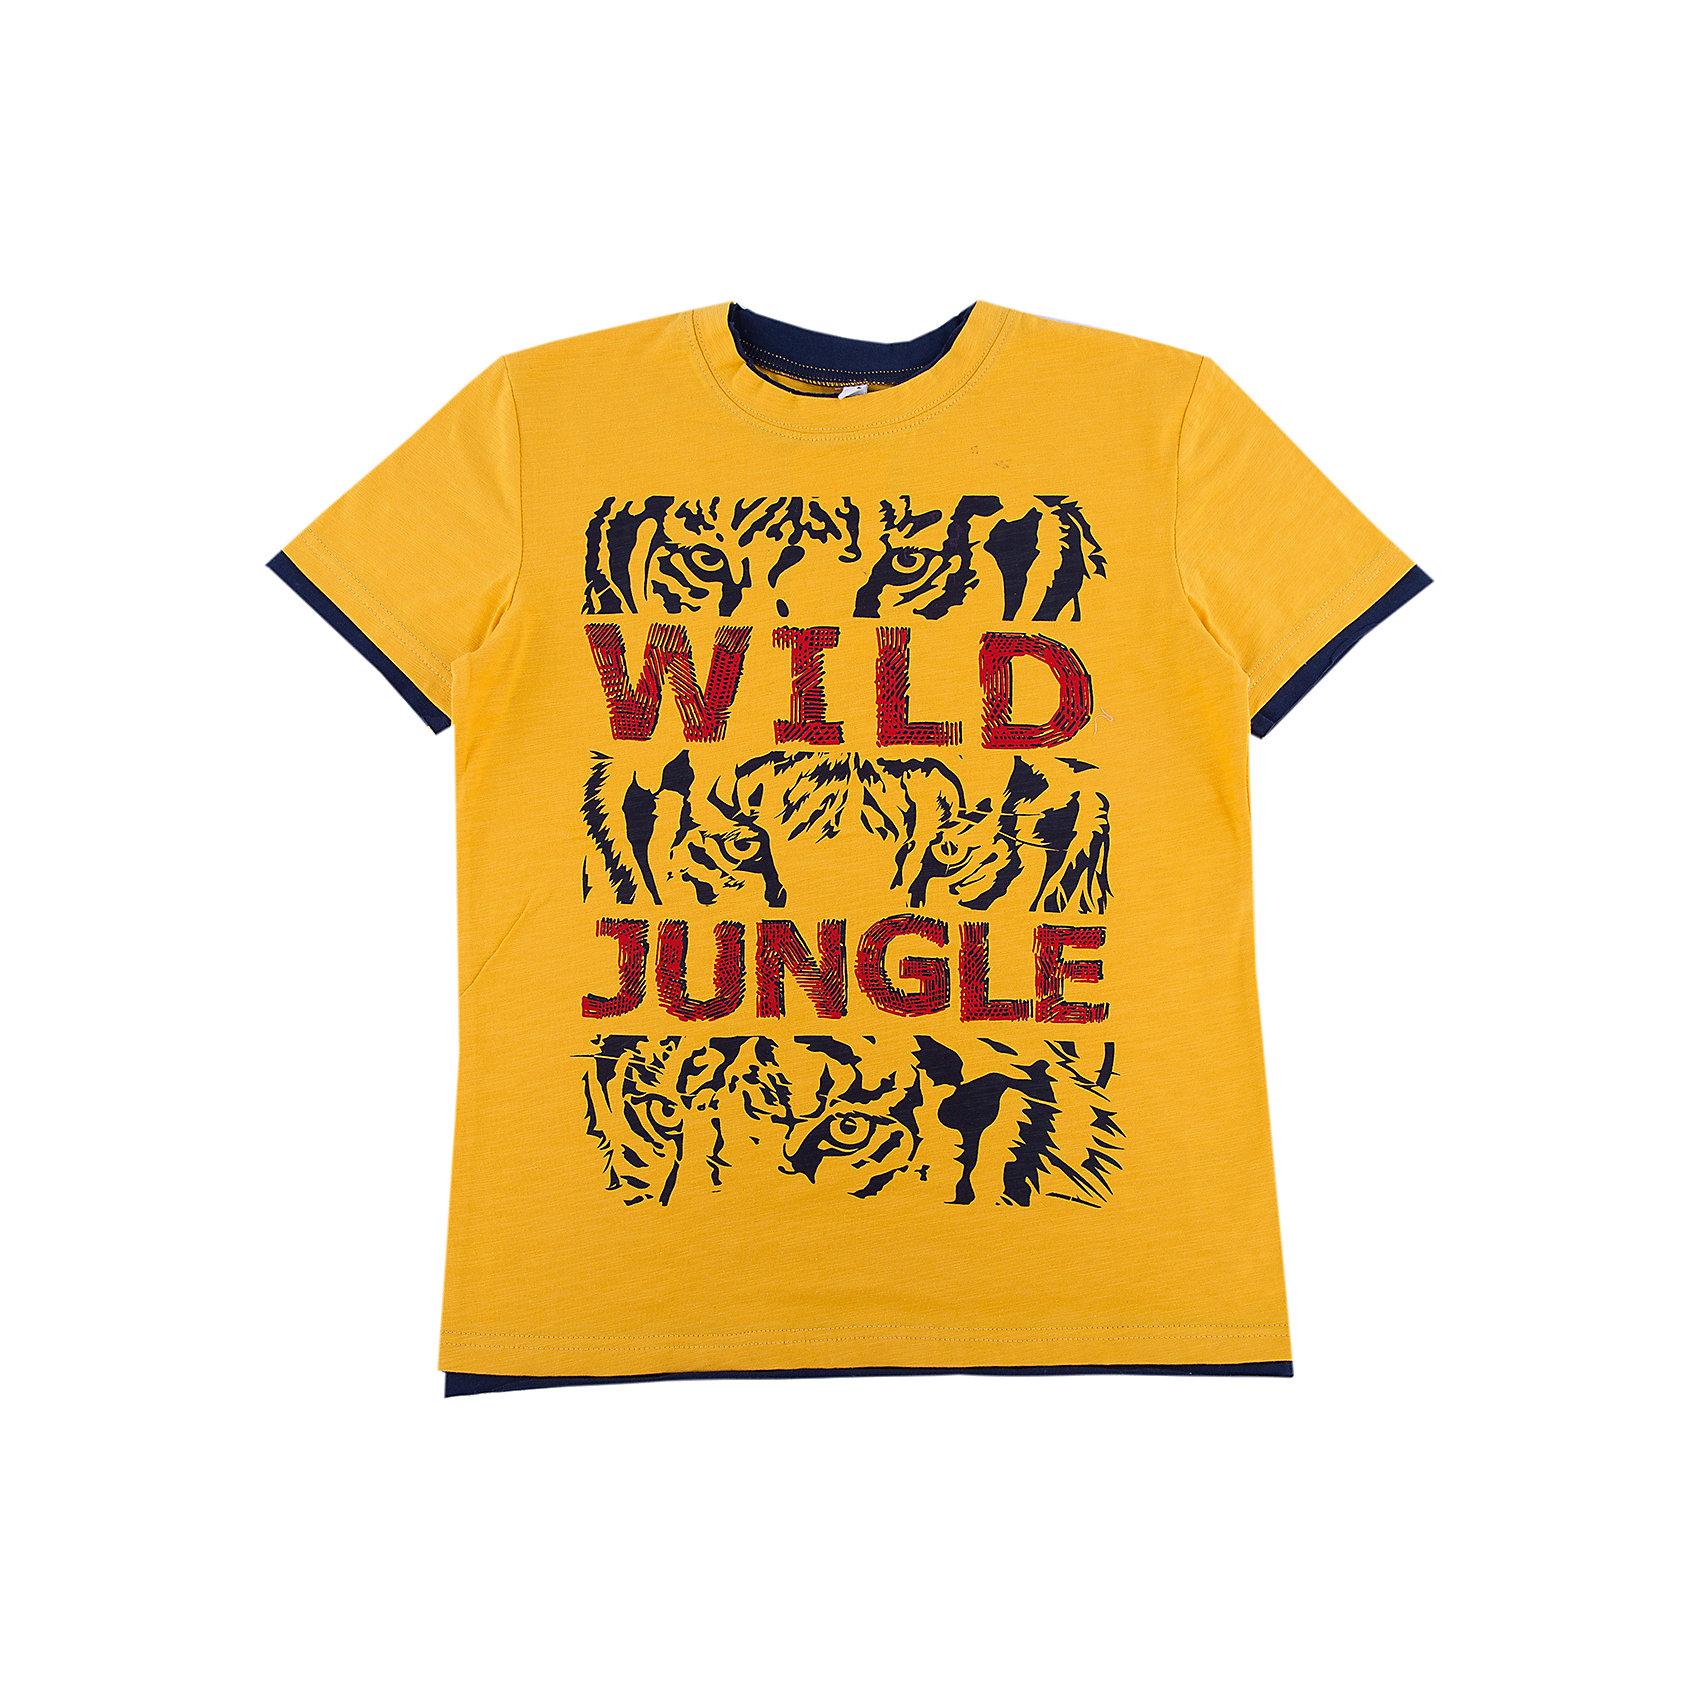 Футболка для мальчика ScoolФутболки, поло и топы<br>Характеристики товара:<br><br>• цвет: жёлтый<br>• состав: 95% хлопок, 5% эластан<br>• сезон: лето<br>• свободный классический крой<br>• страна бренда: Германия<br>• страна производства: Китай<br><br>Футболка с рисунком для мальчика Scool. Футболка с надписью, свободного классического кроя из натурального материала прекрасно подойдет как для домашнего использования, так и для прогулок на свежем воздухе. Можно использовать в качестве базовой вещи повседневного гардероба ребенка. Аккуратные швы не вызывают раздражений.<br><br>Футболку для мальчика от известного бренда Scool можно купить в нашем интернет-магазине.<br><br>Ширина мм: 199<br>Глубина мм: 10<br>Высота мм: 161<br>Вес г: 151<br>Цвет: белый<br>Возраст от месяцев: 156<br>Возраст до месяцев: 168<br>Пол: Мужской<br>Возраст: Детский<br>Размер: 164,134,140,146,152,158<br>SKU: 5406728